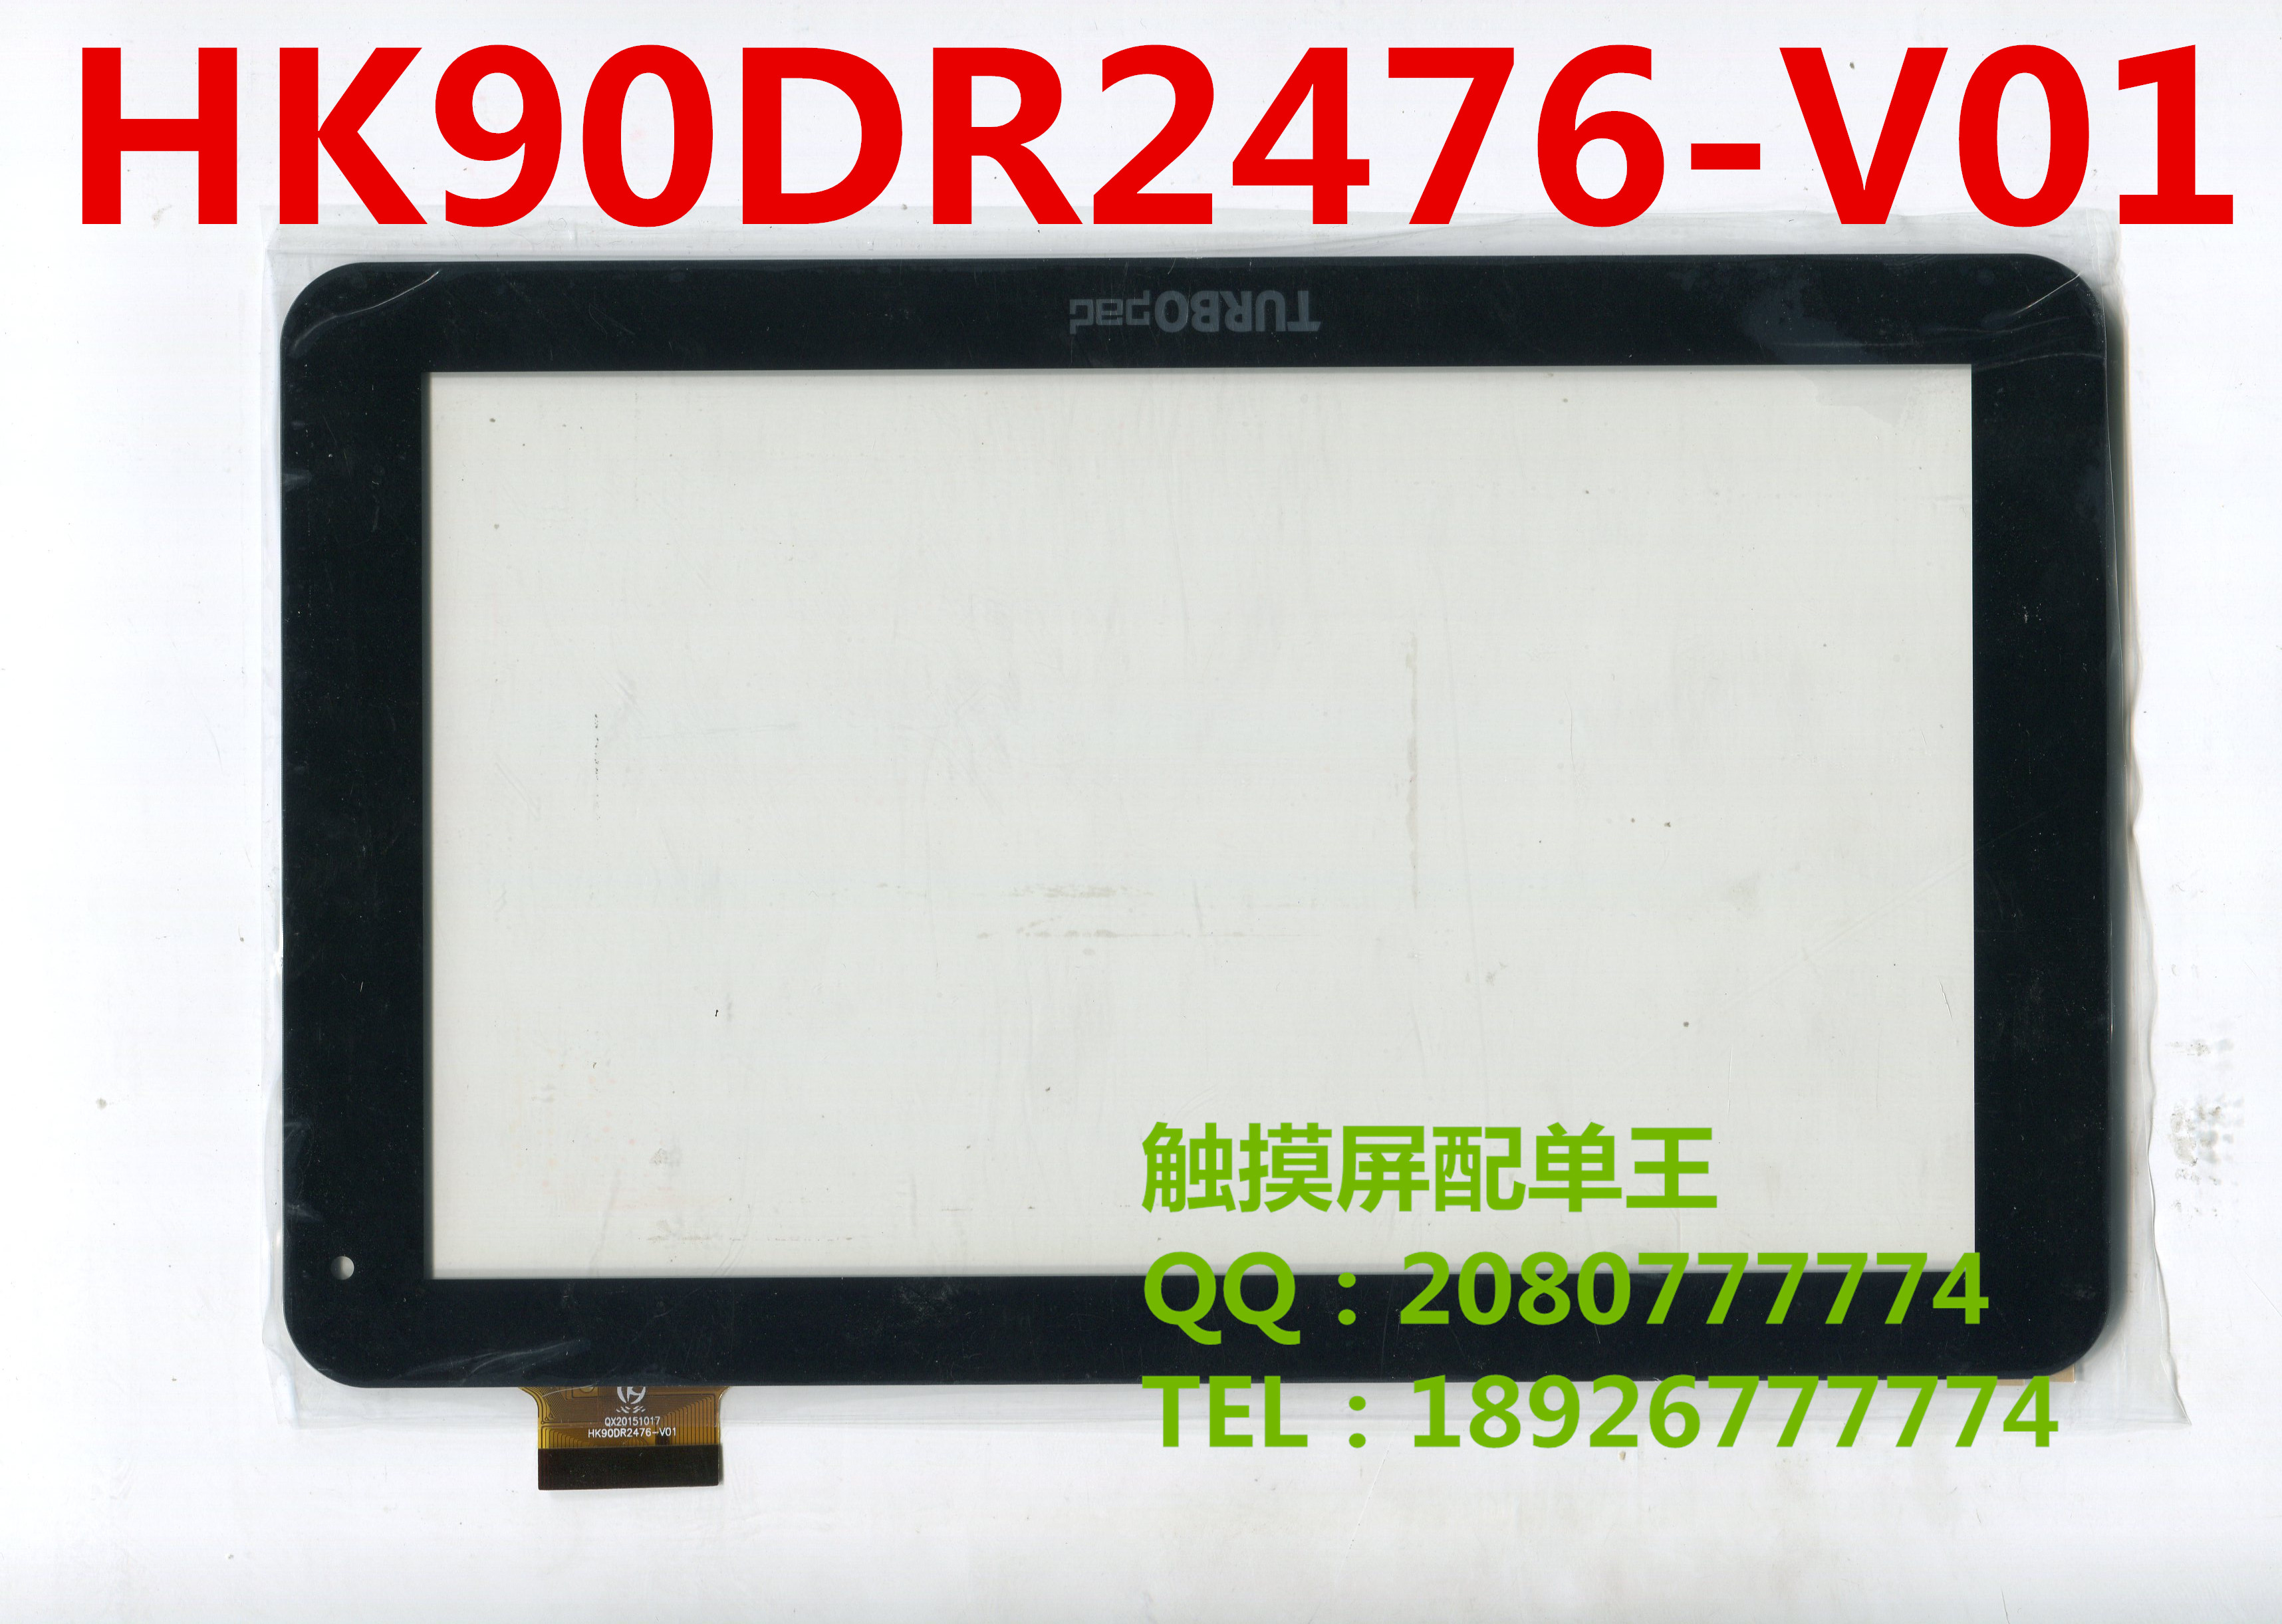 Применяется к внутренней HK90DR2476-V01 сенсорный экран сенсорный экран почерк экрана экран емкостный сенсорный экран